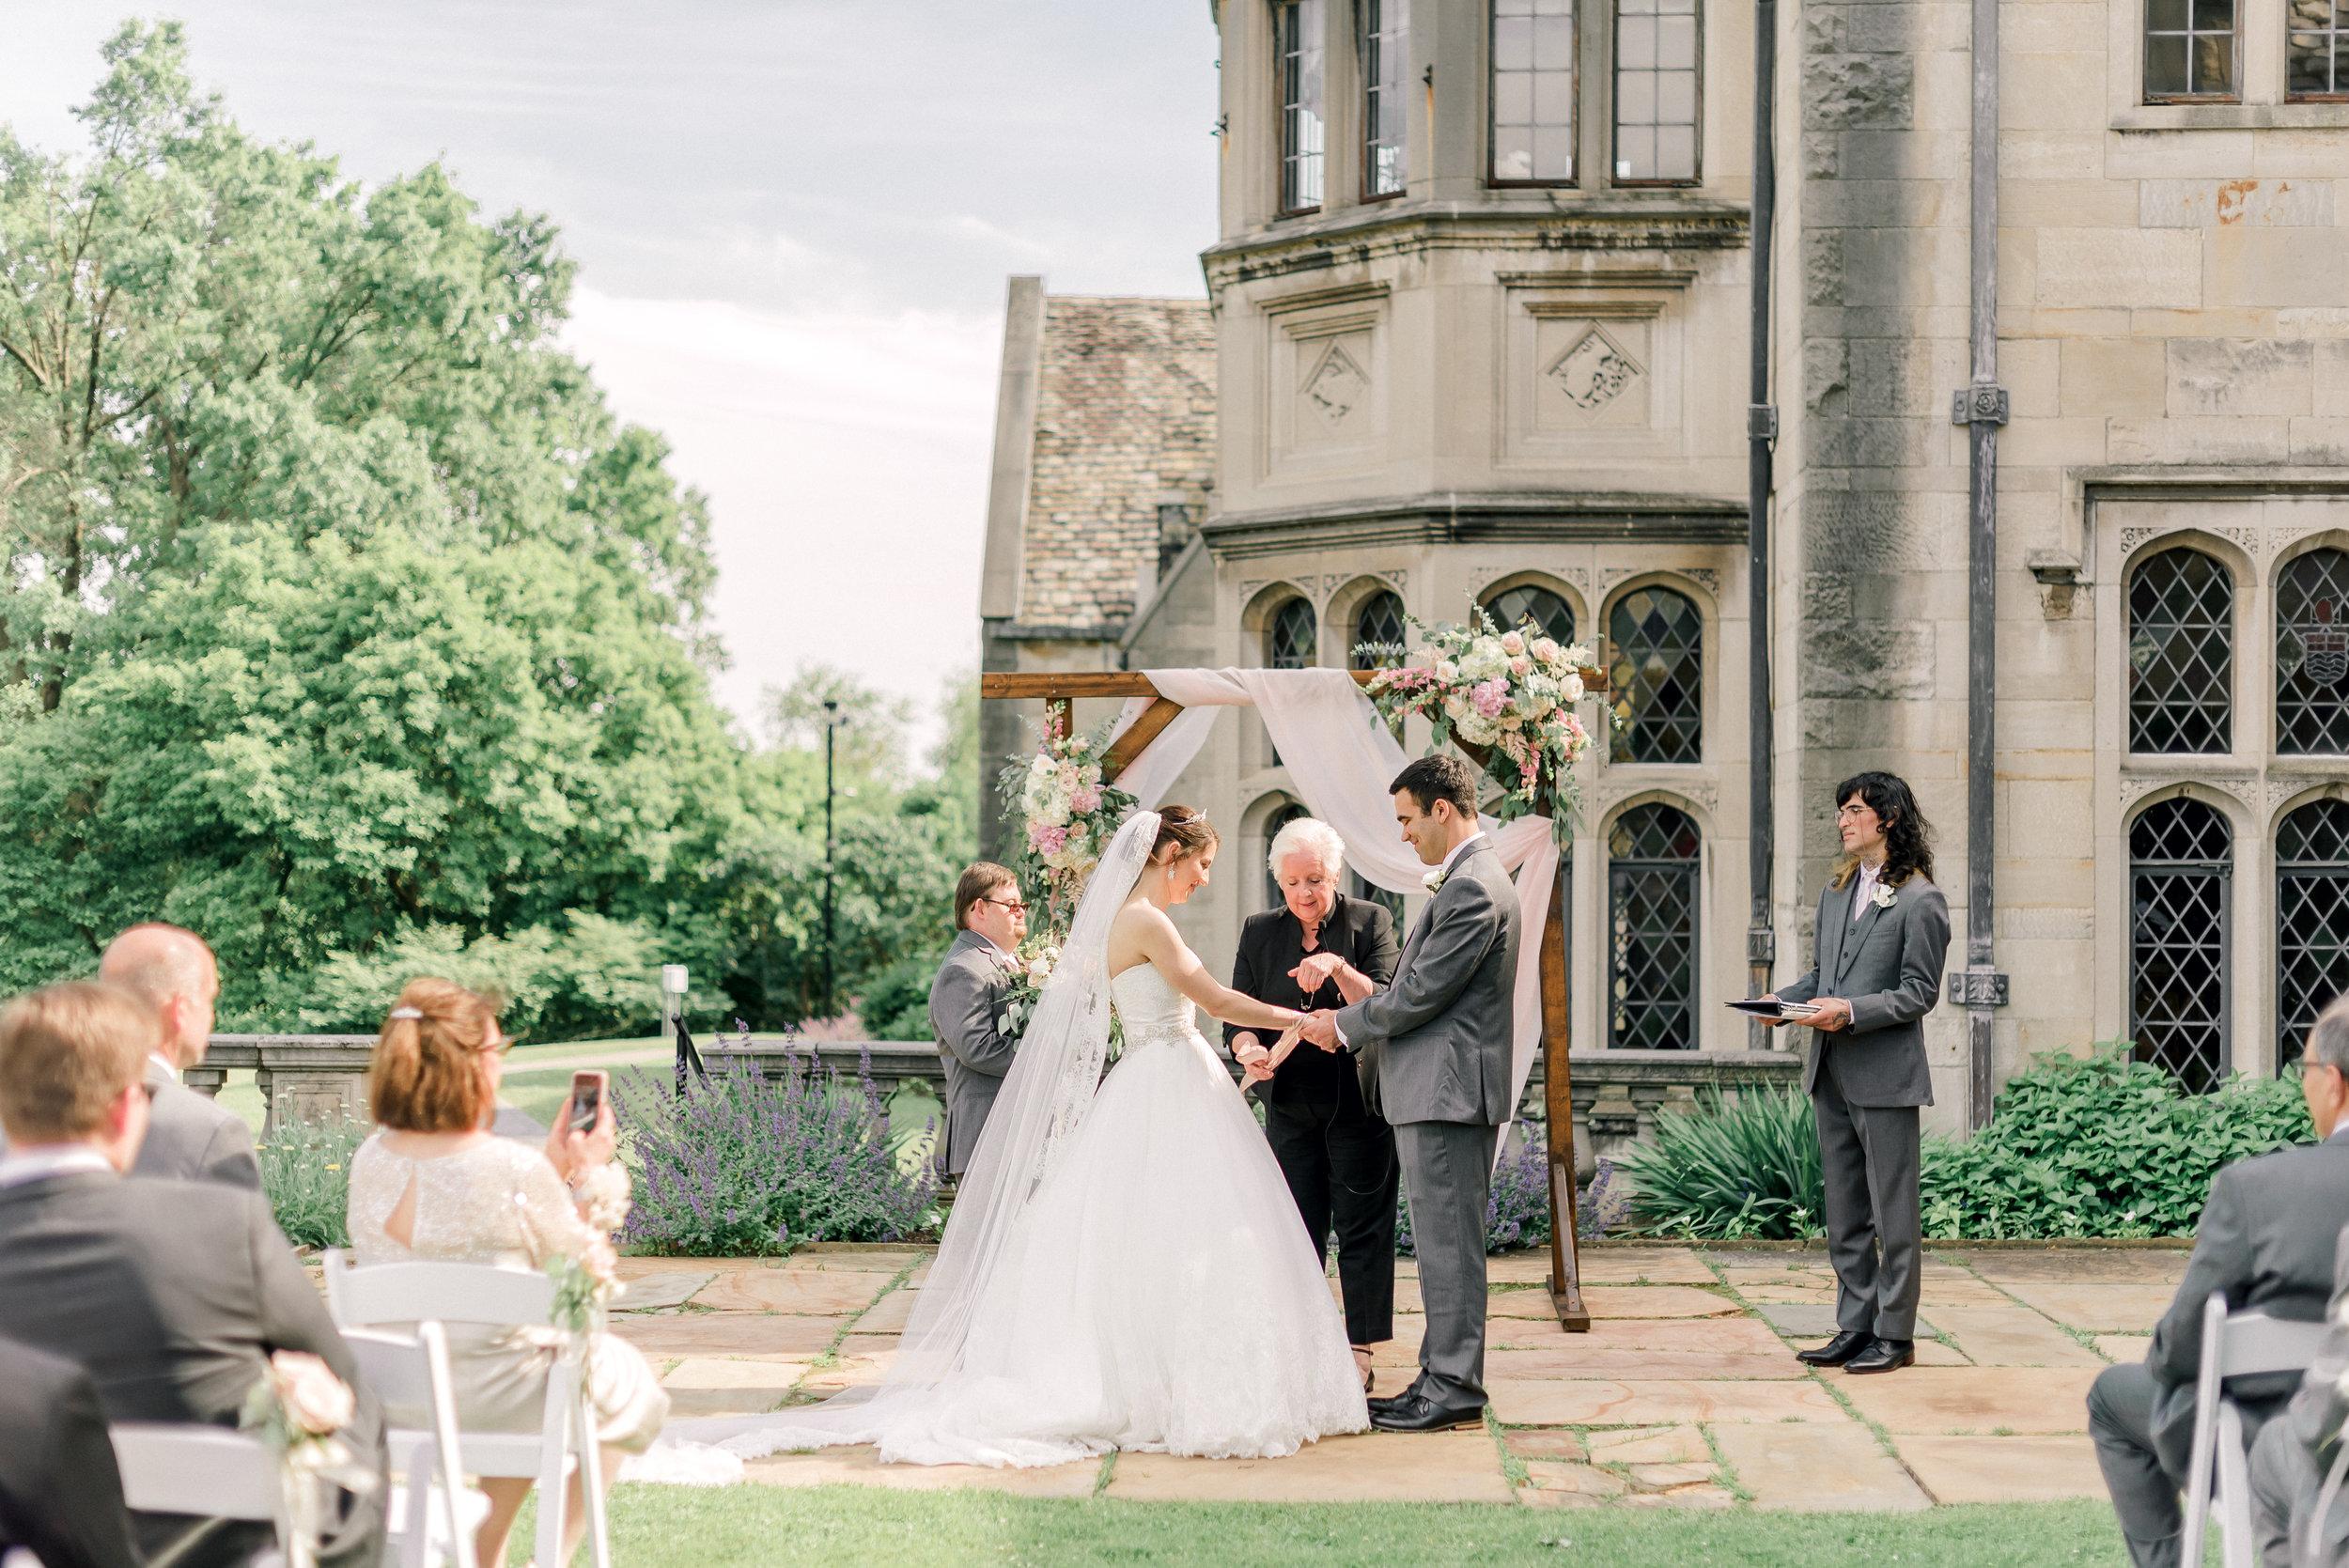 pittsburgh-wedding-photographer-hartwood-acres-0028.jpg